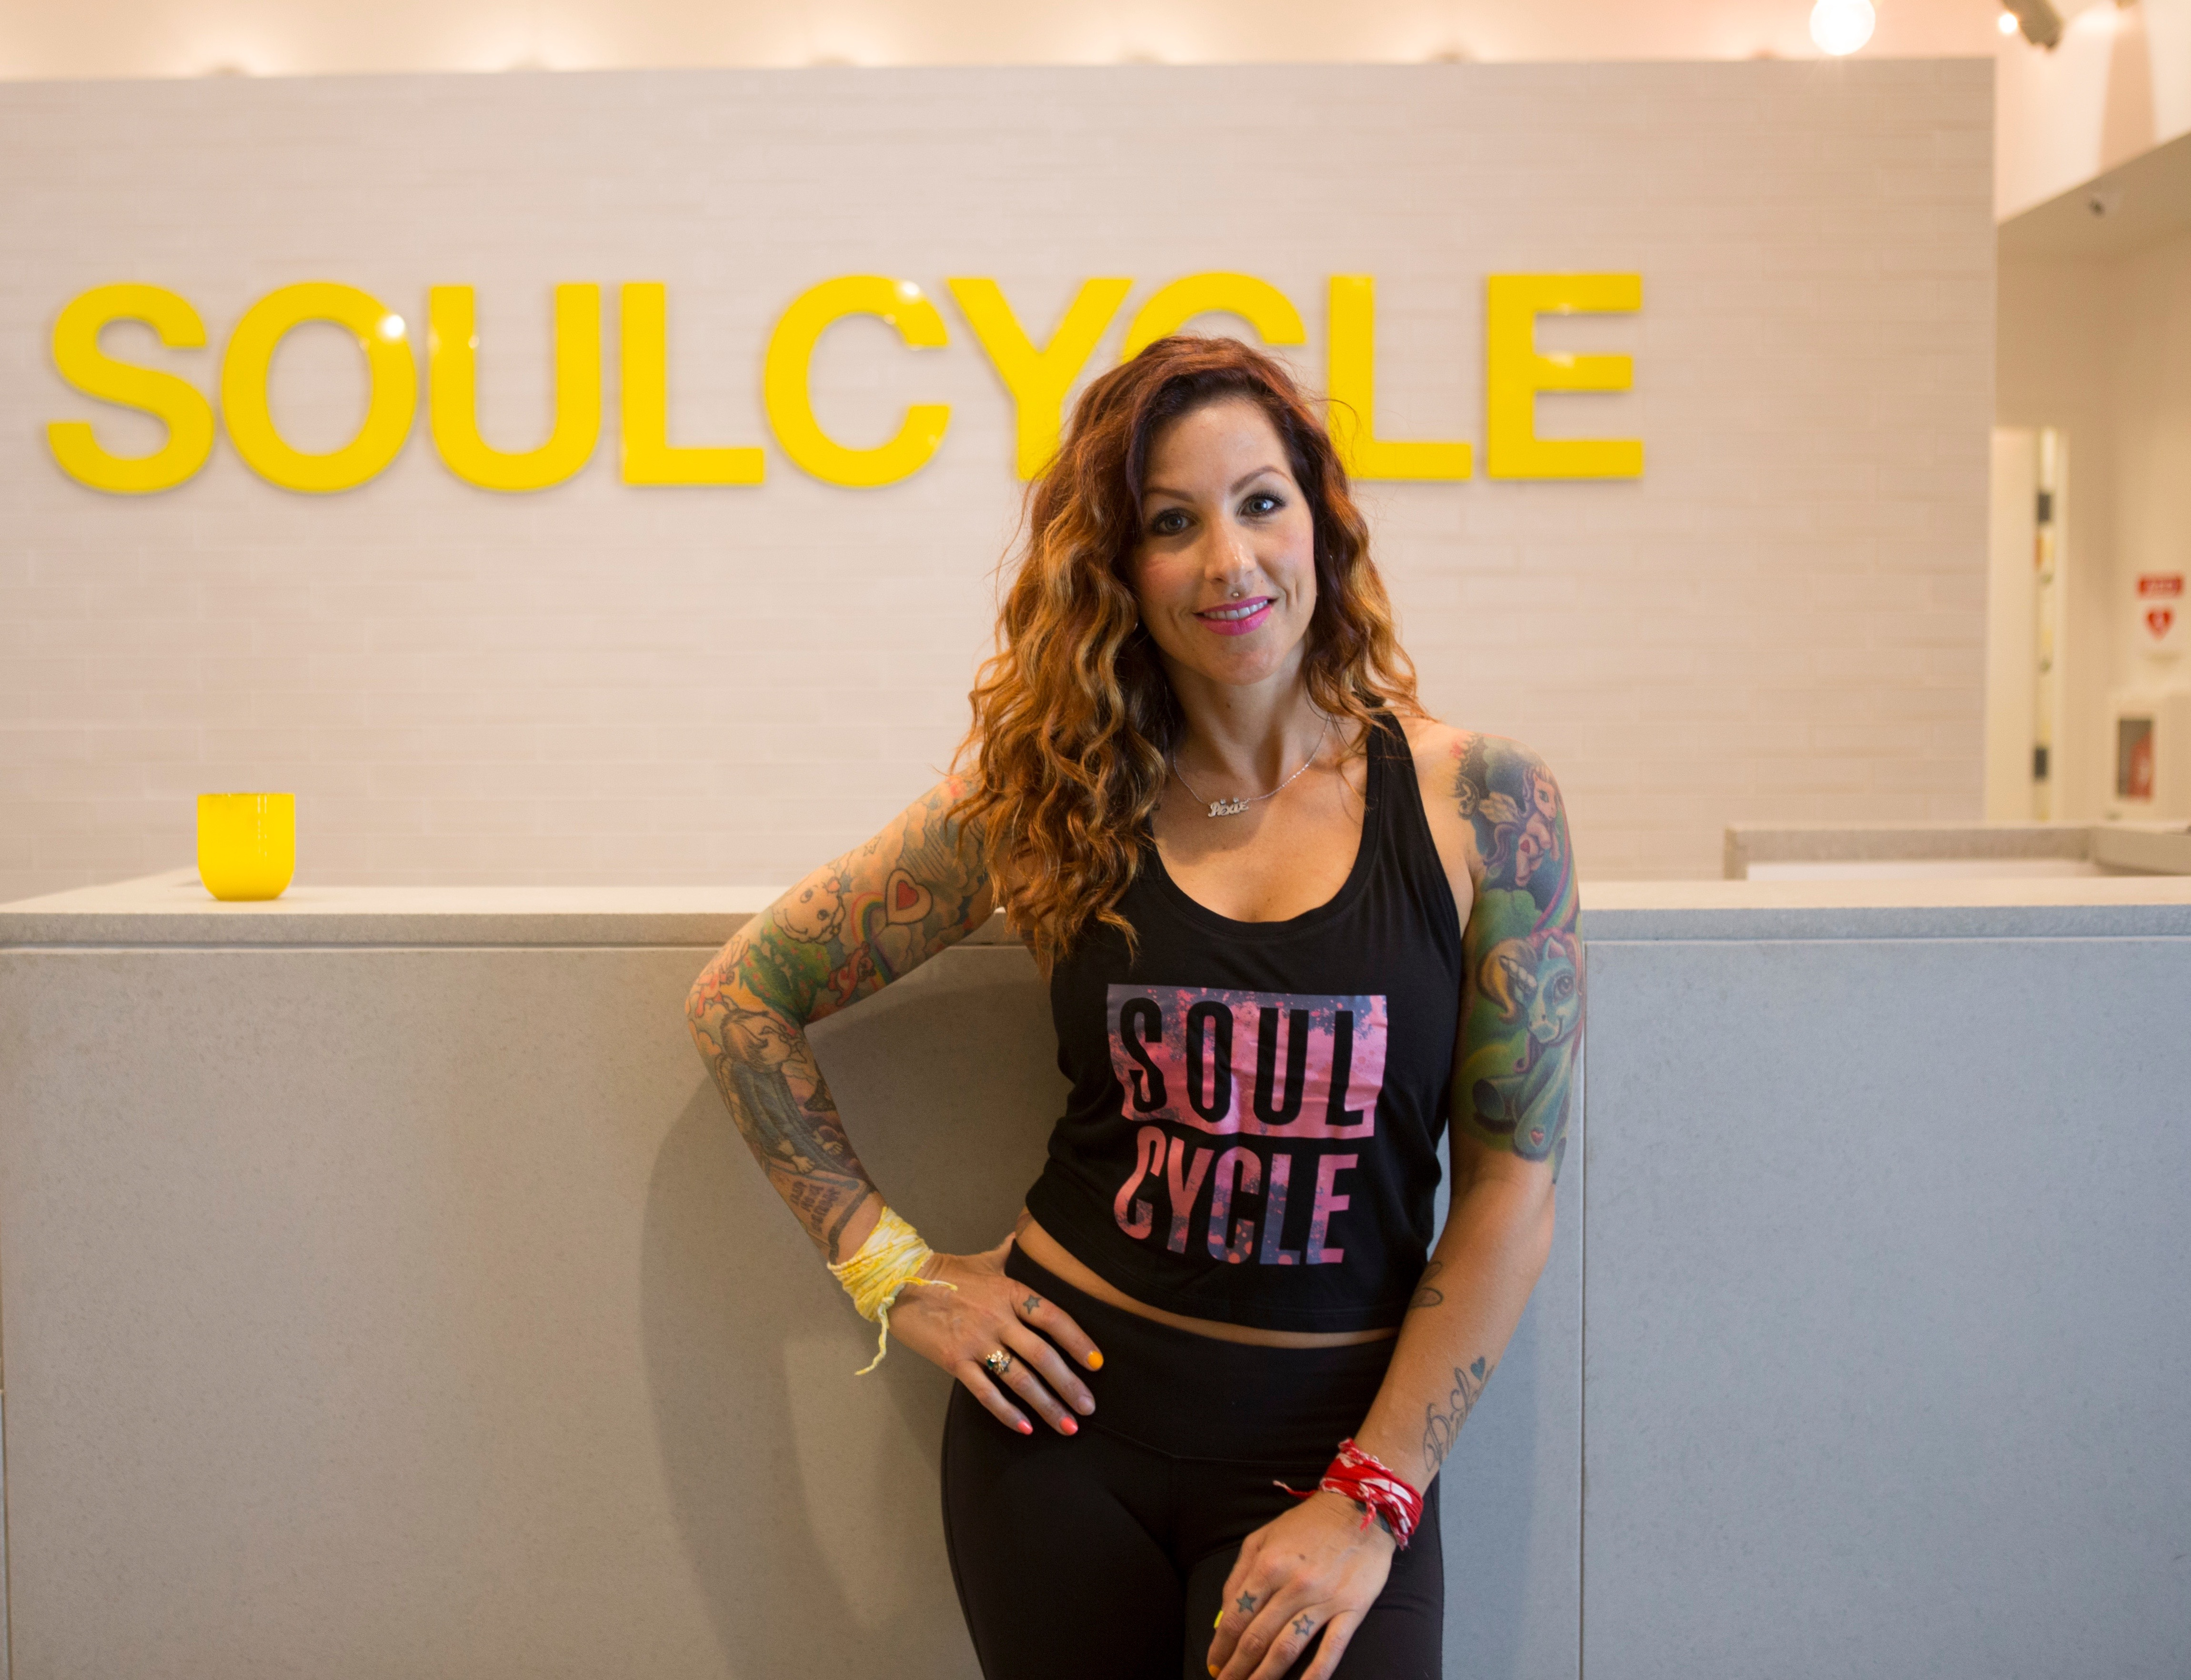 Pixie Acia Soulcycle